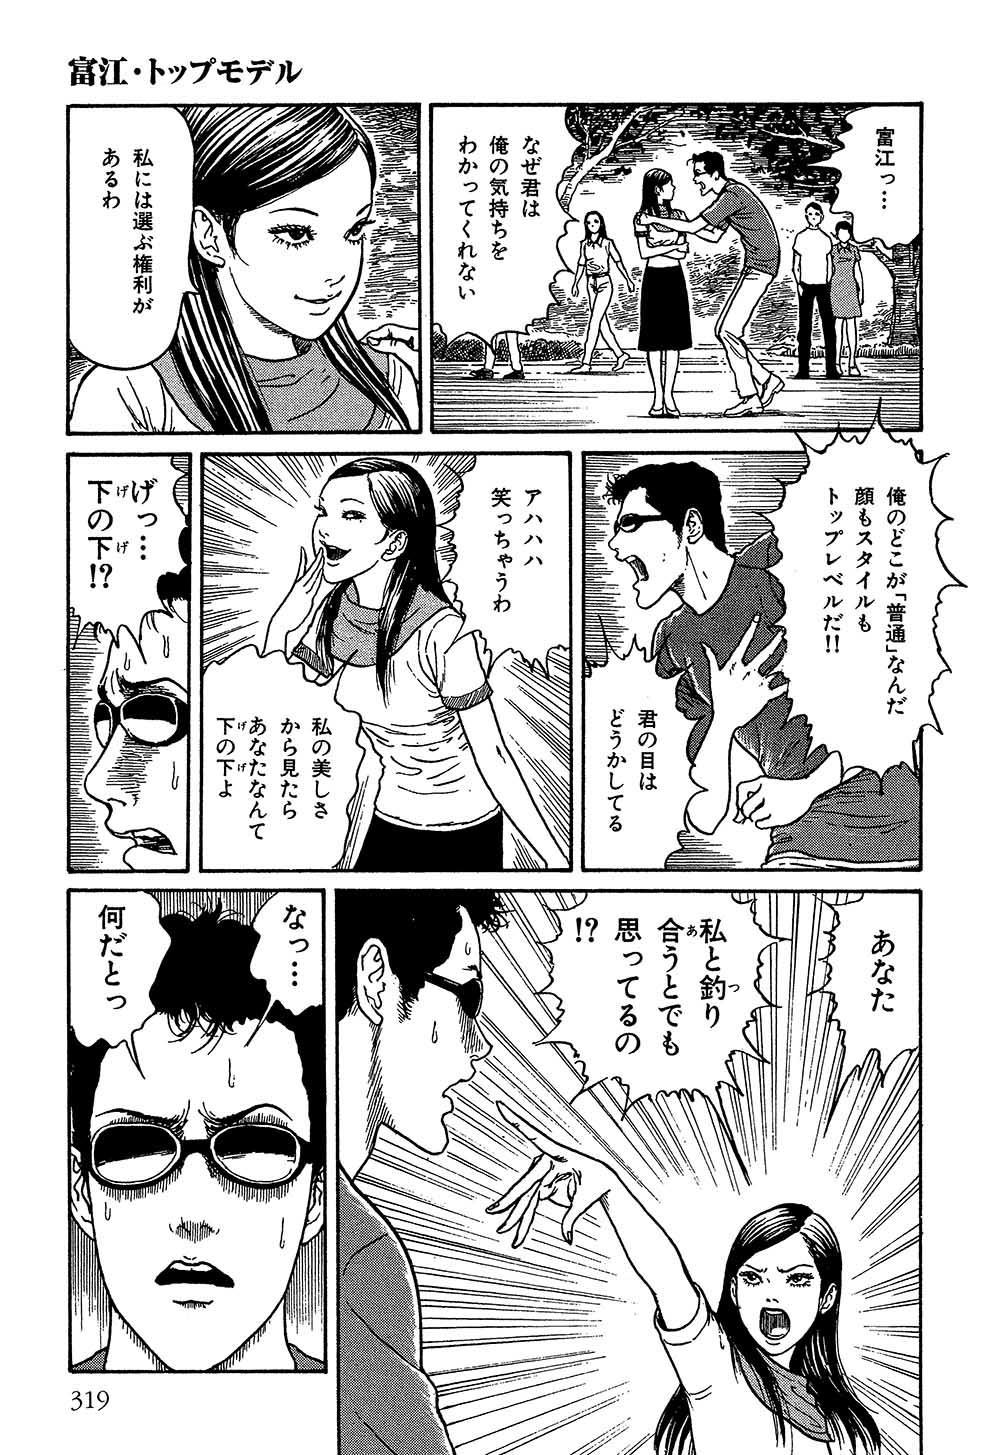 itouj_0002_0321.jpg